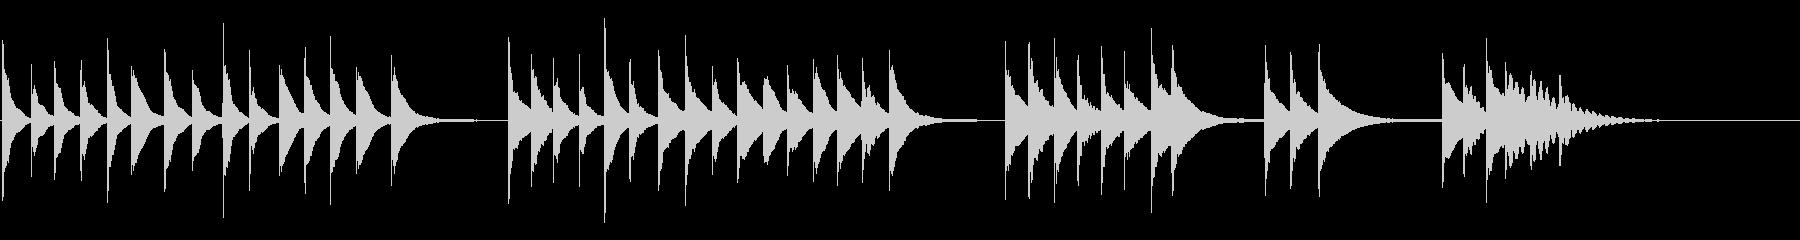 木琴:トリックダウン、漫画コメディ...の未再生の波形